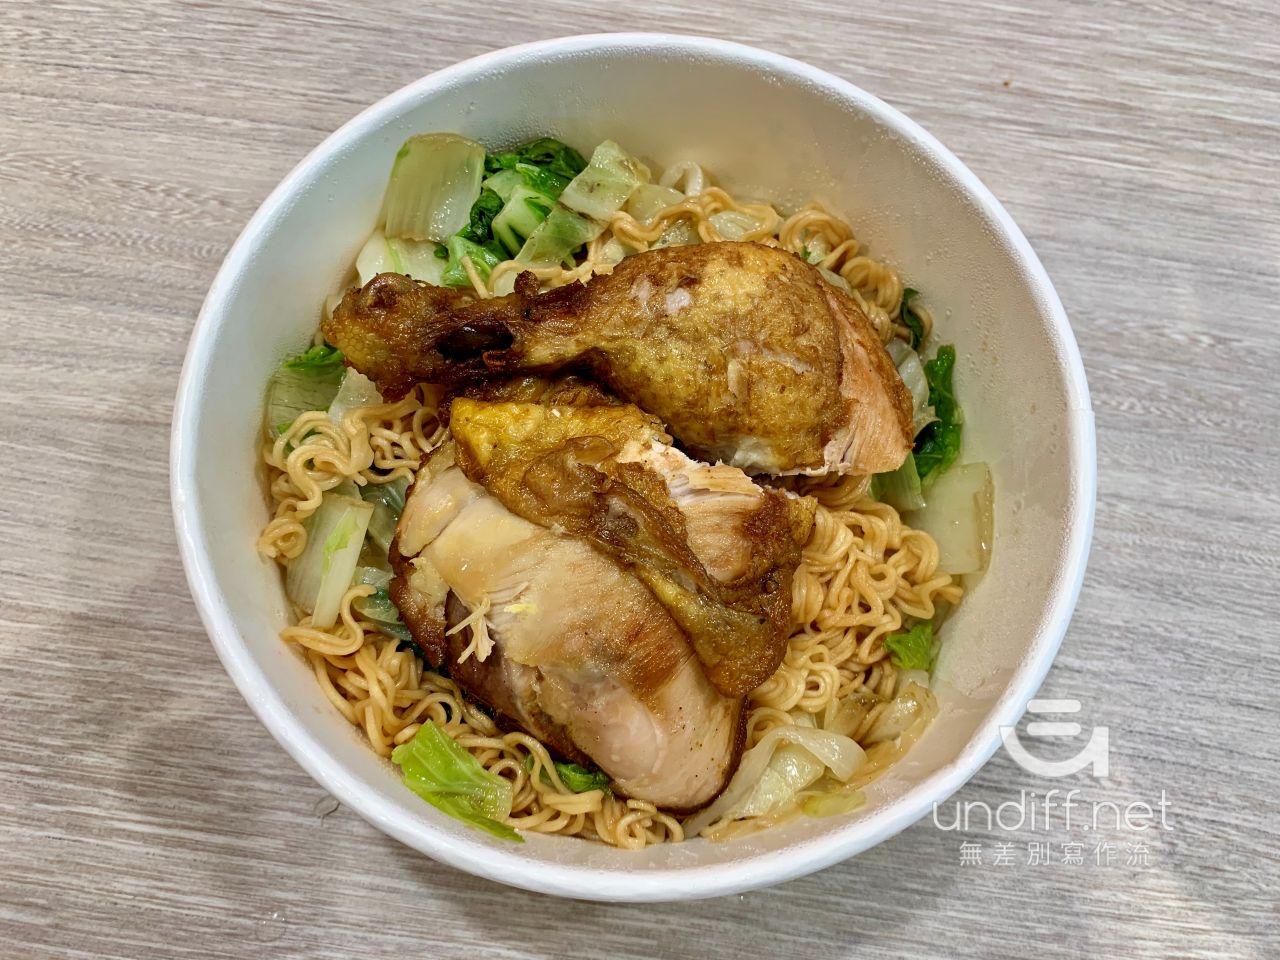 【內湖 訂便當日記】日嚐 Taste&Enjoy 南洋風味料理 50